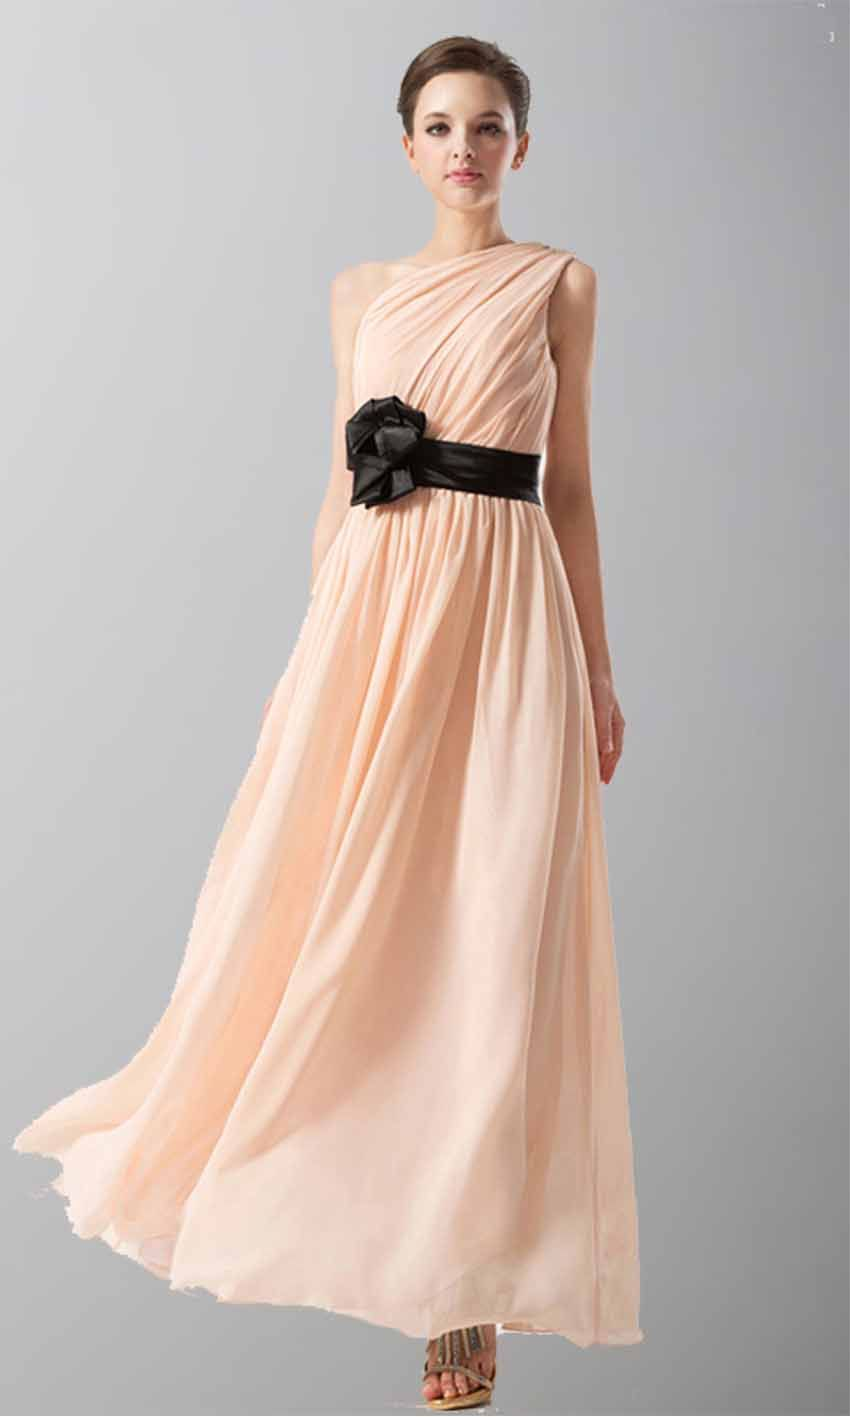 Pink one shoulder long chiffon bridesmaid dress with belt ksp167 pink one shoulder long chiffon bridesmaid dress with belt ksp167 ombrellifo Choice Image